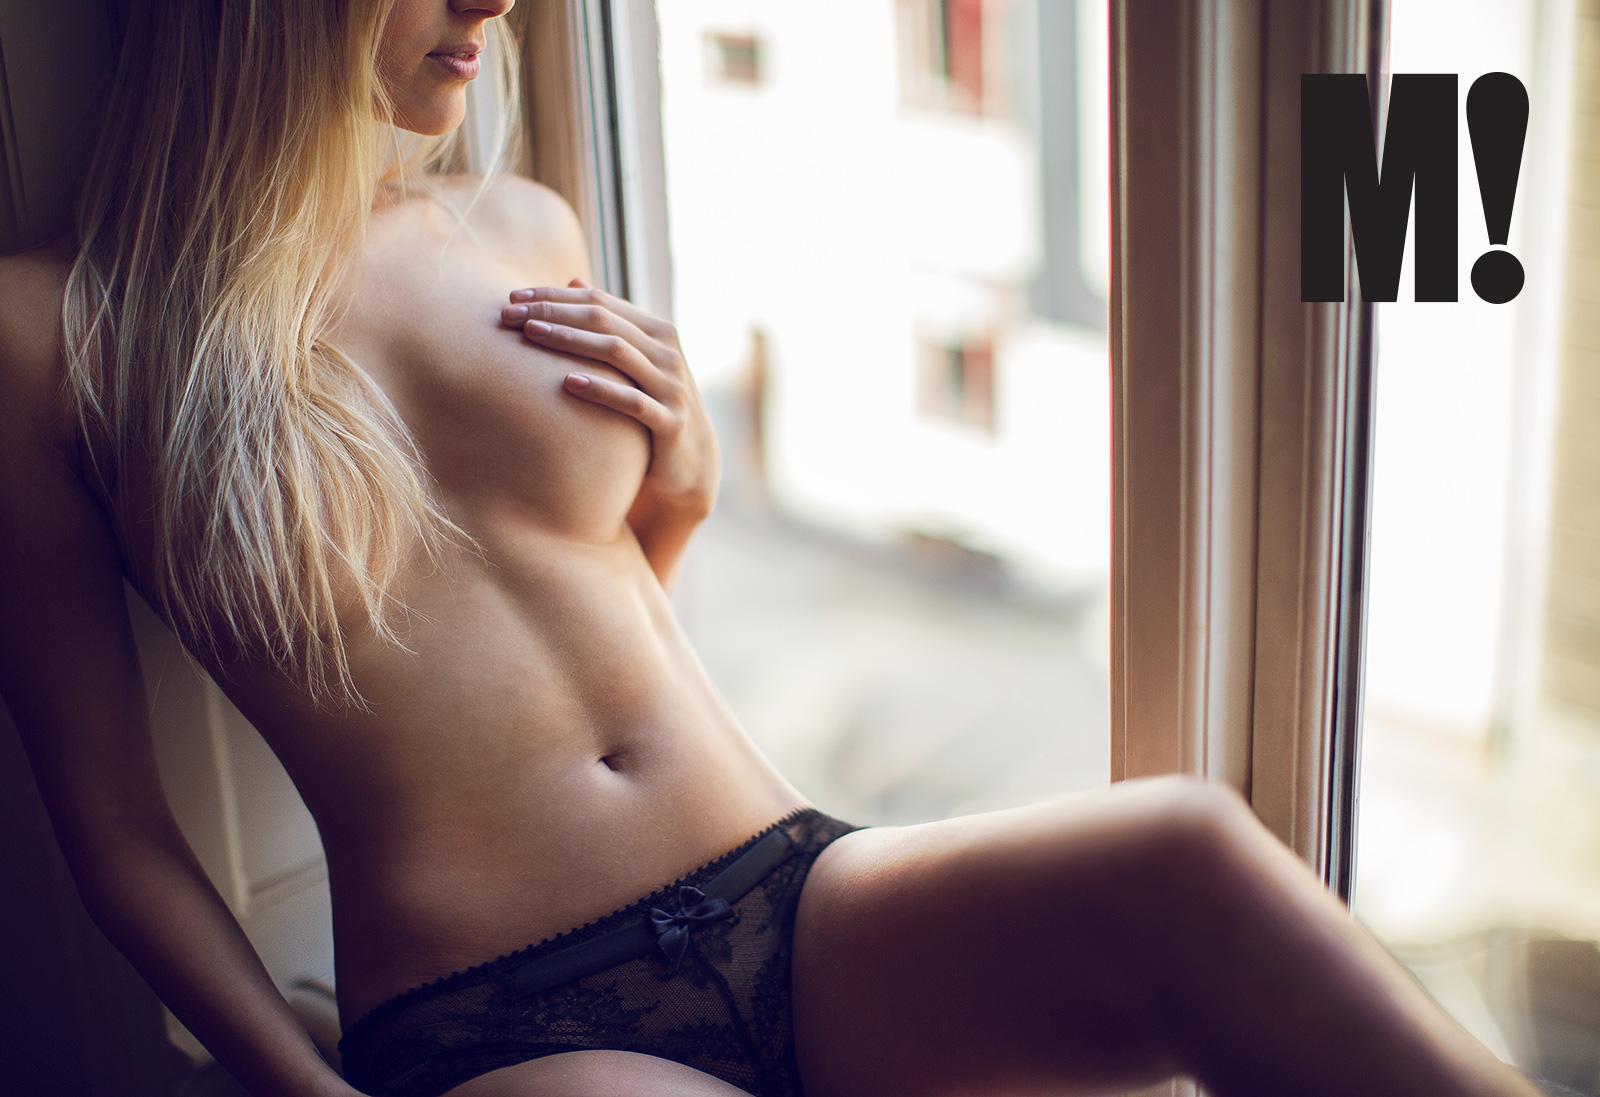 dyr porno dejlige damer uden tøj på